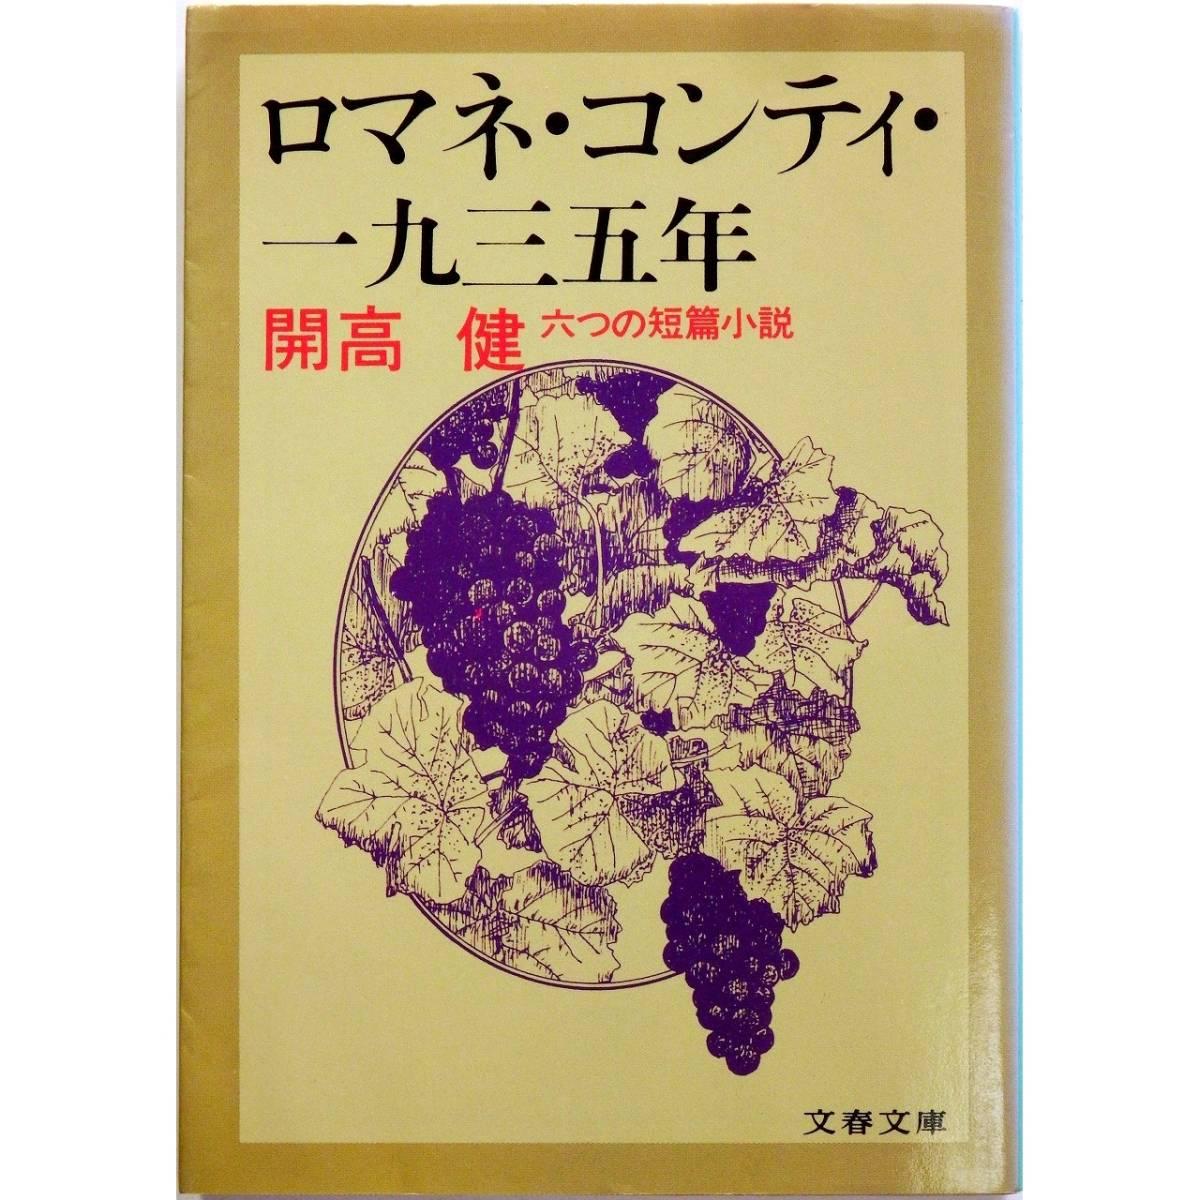 【送料無料】◆ ロマネ・コンティ・一九三五年 ◆ 開高健 ◆ 文春文庫 ◆1880